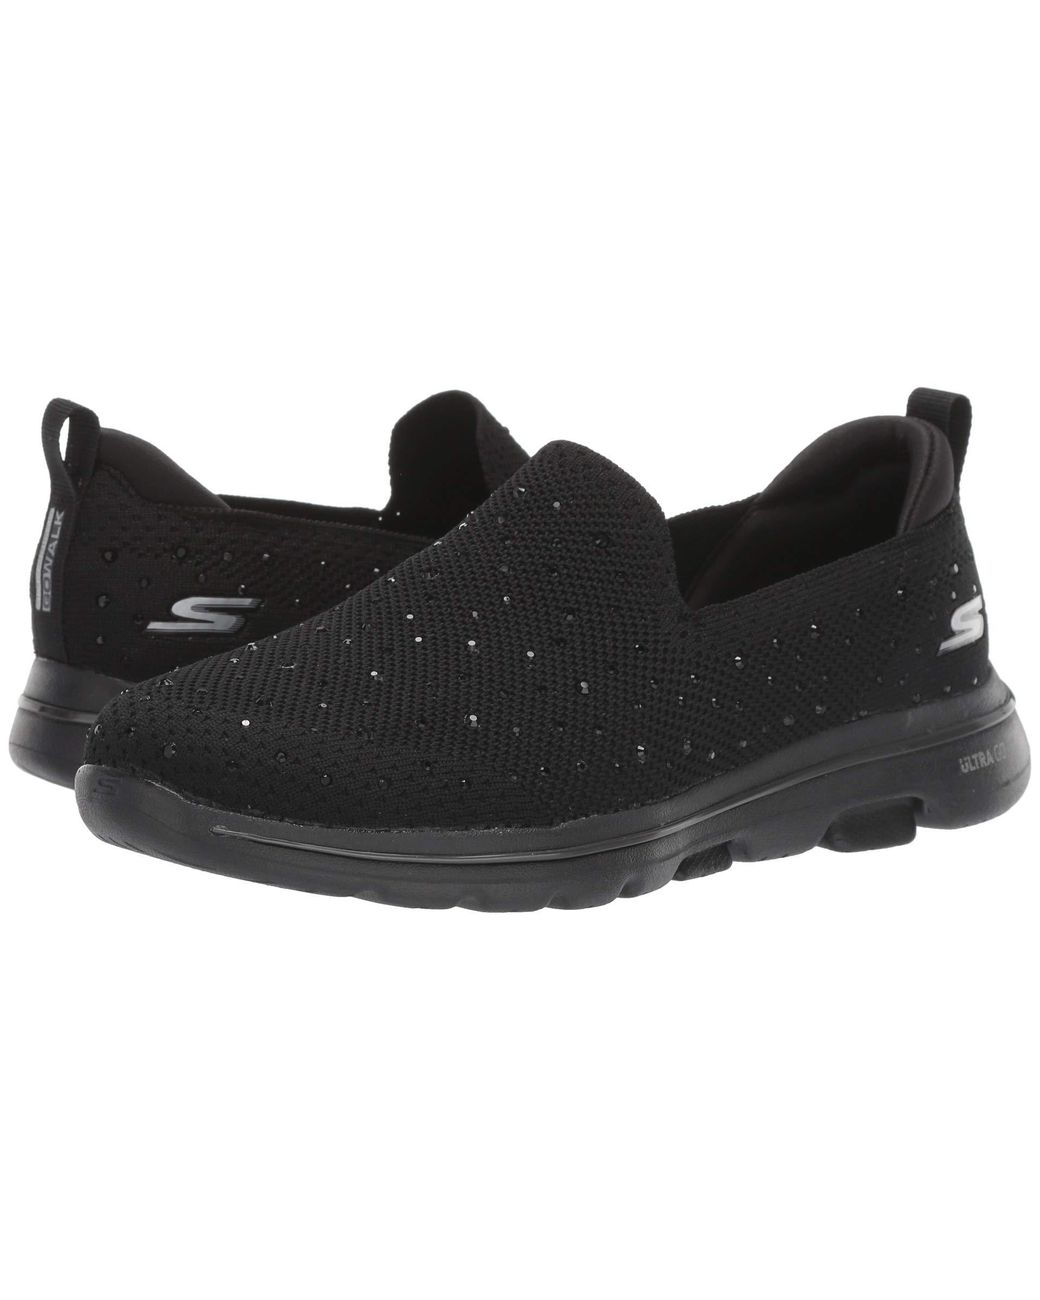 Skechers Go Walk 5 - Limelight in Black